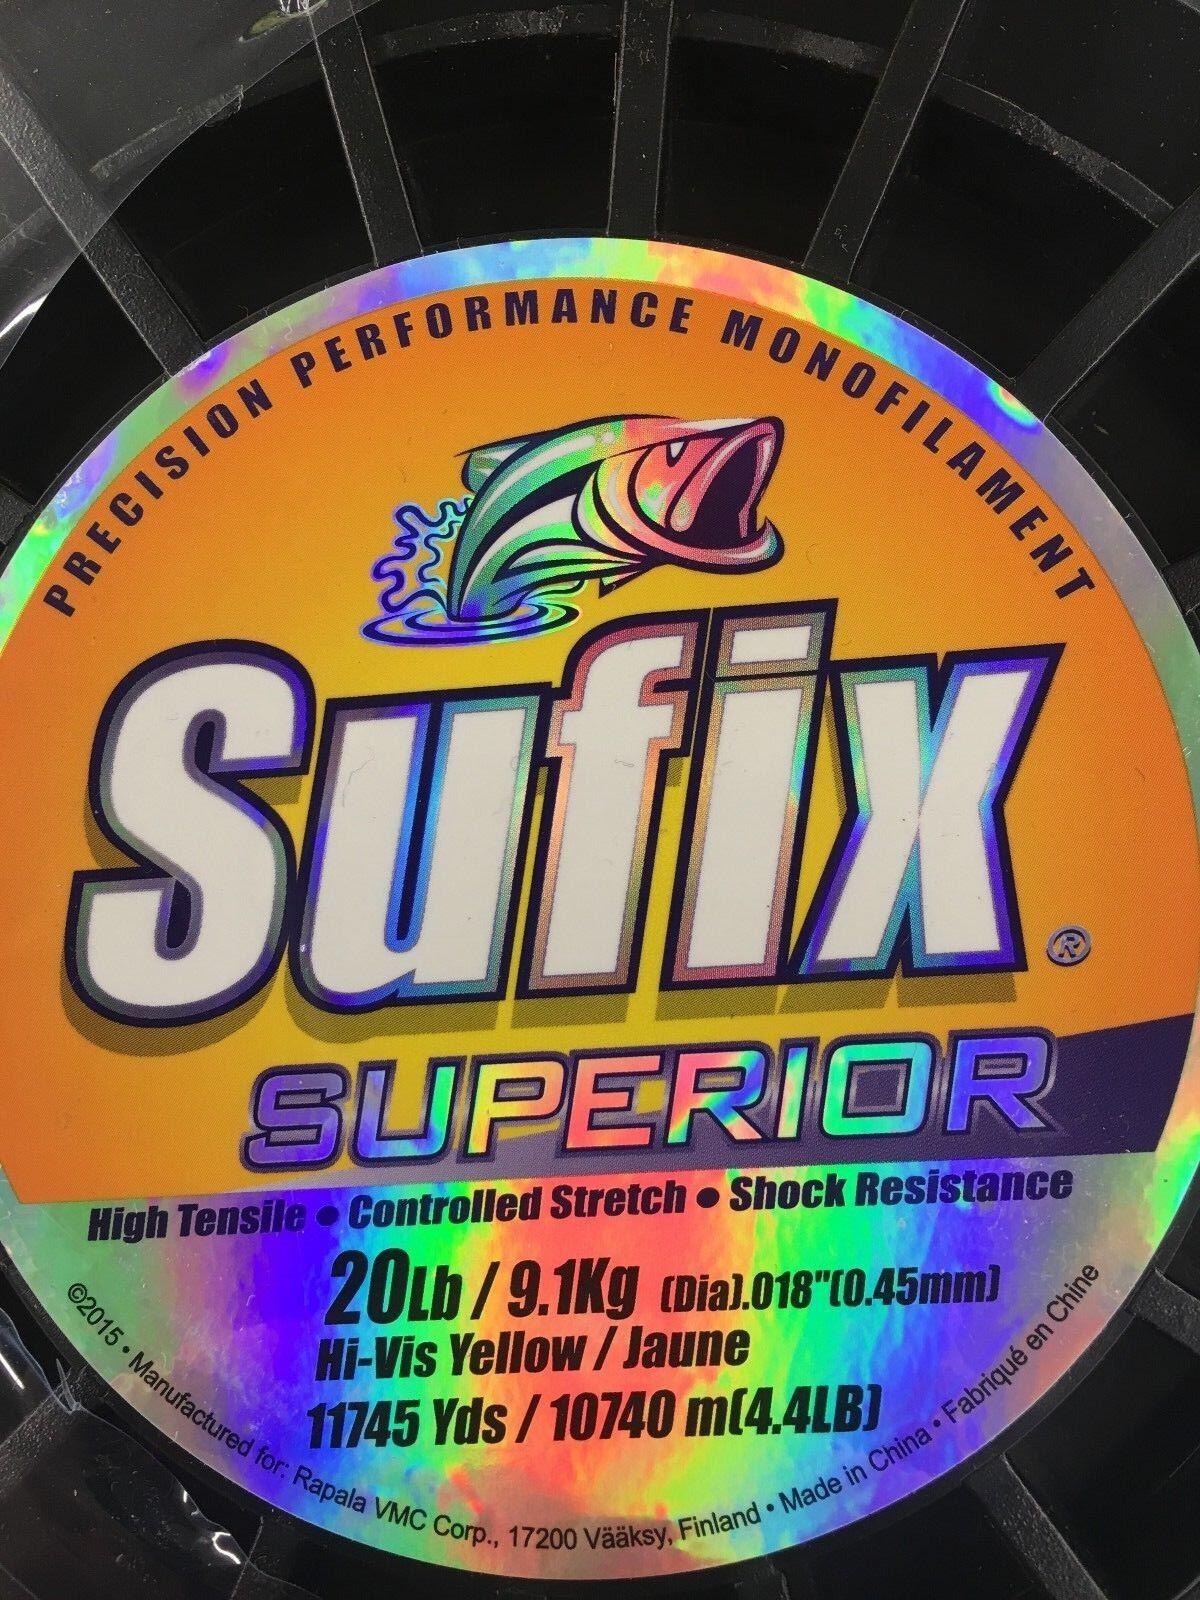 Sufix Monofilamento de rendimiento de precisión Hi-Vis amarillo  de 20 lb de resistencia de choque  calidad de primera clase